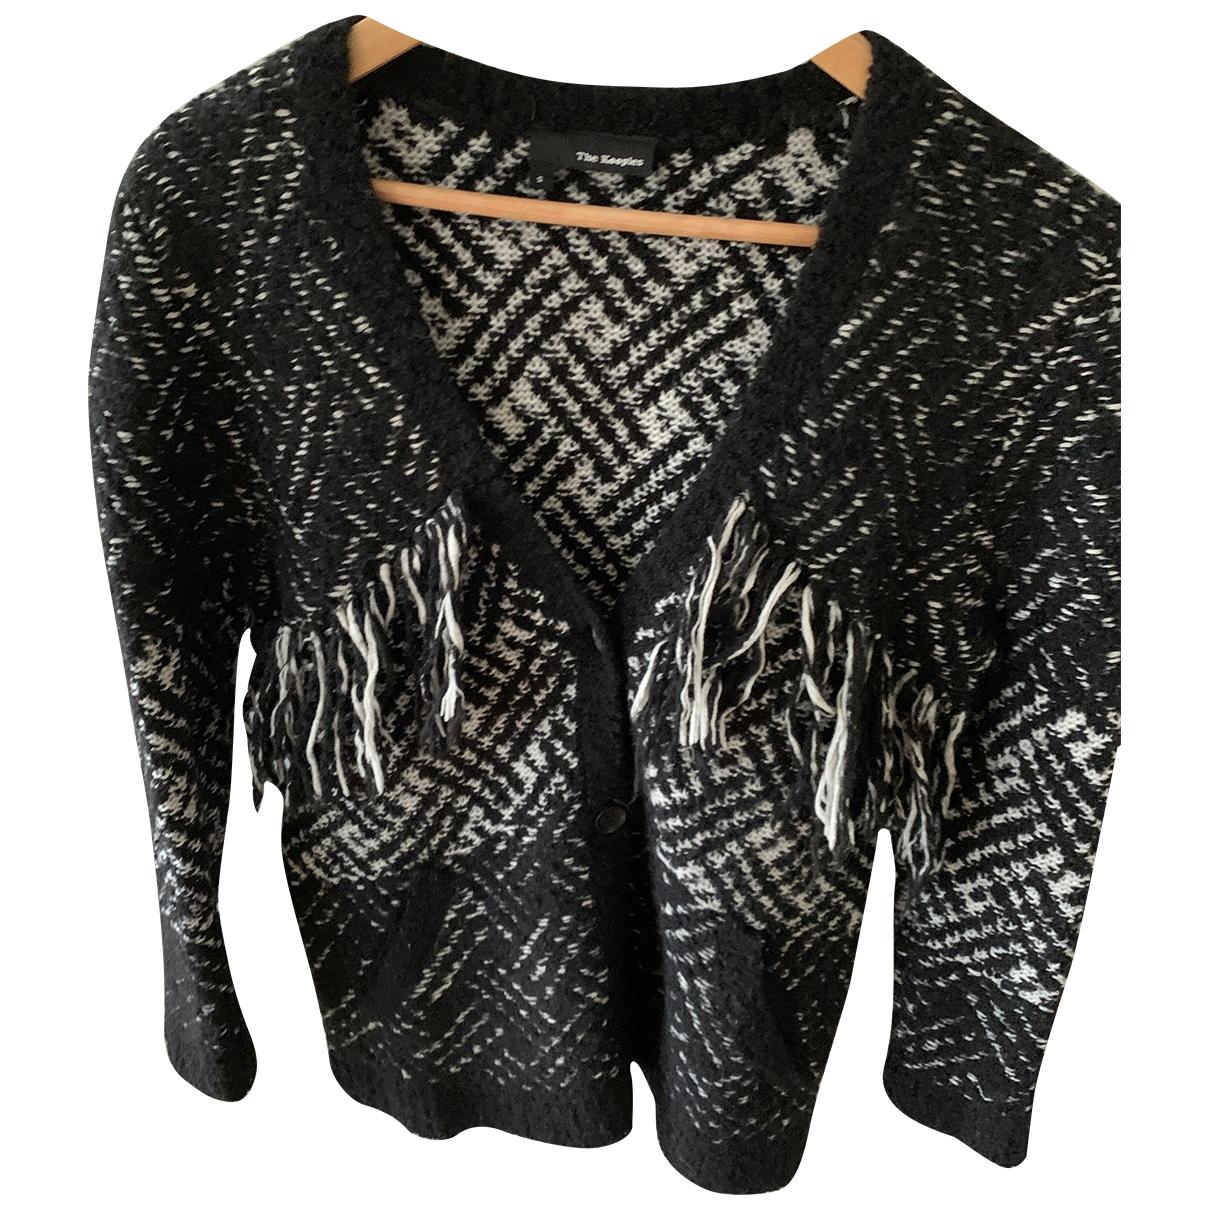 The Kooples Fall Winter 2019 Black Wool Knitwear for Women S International